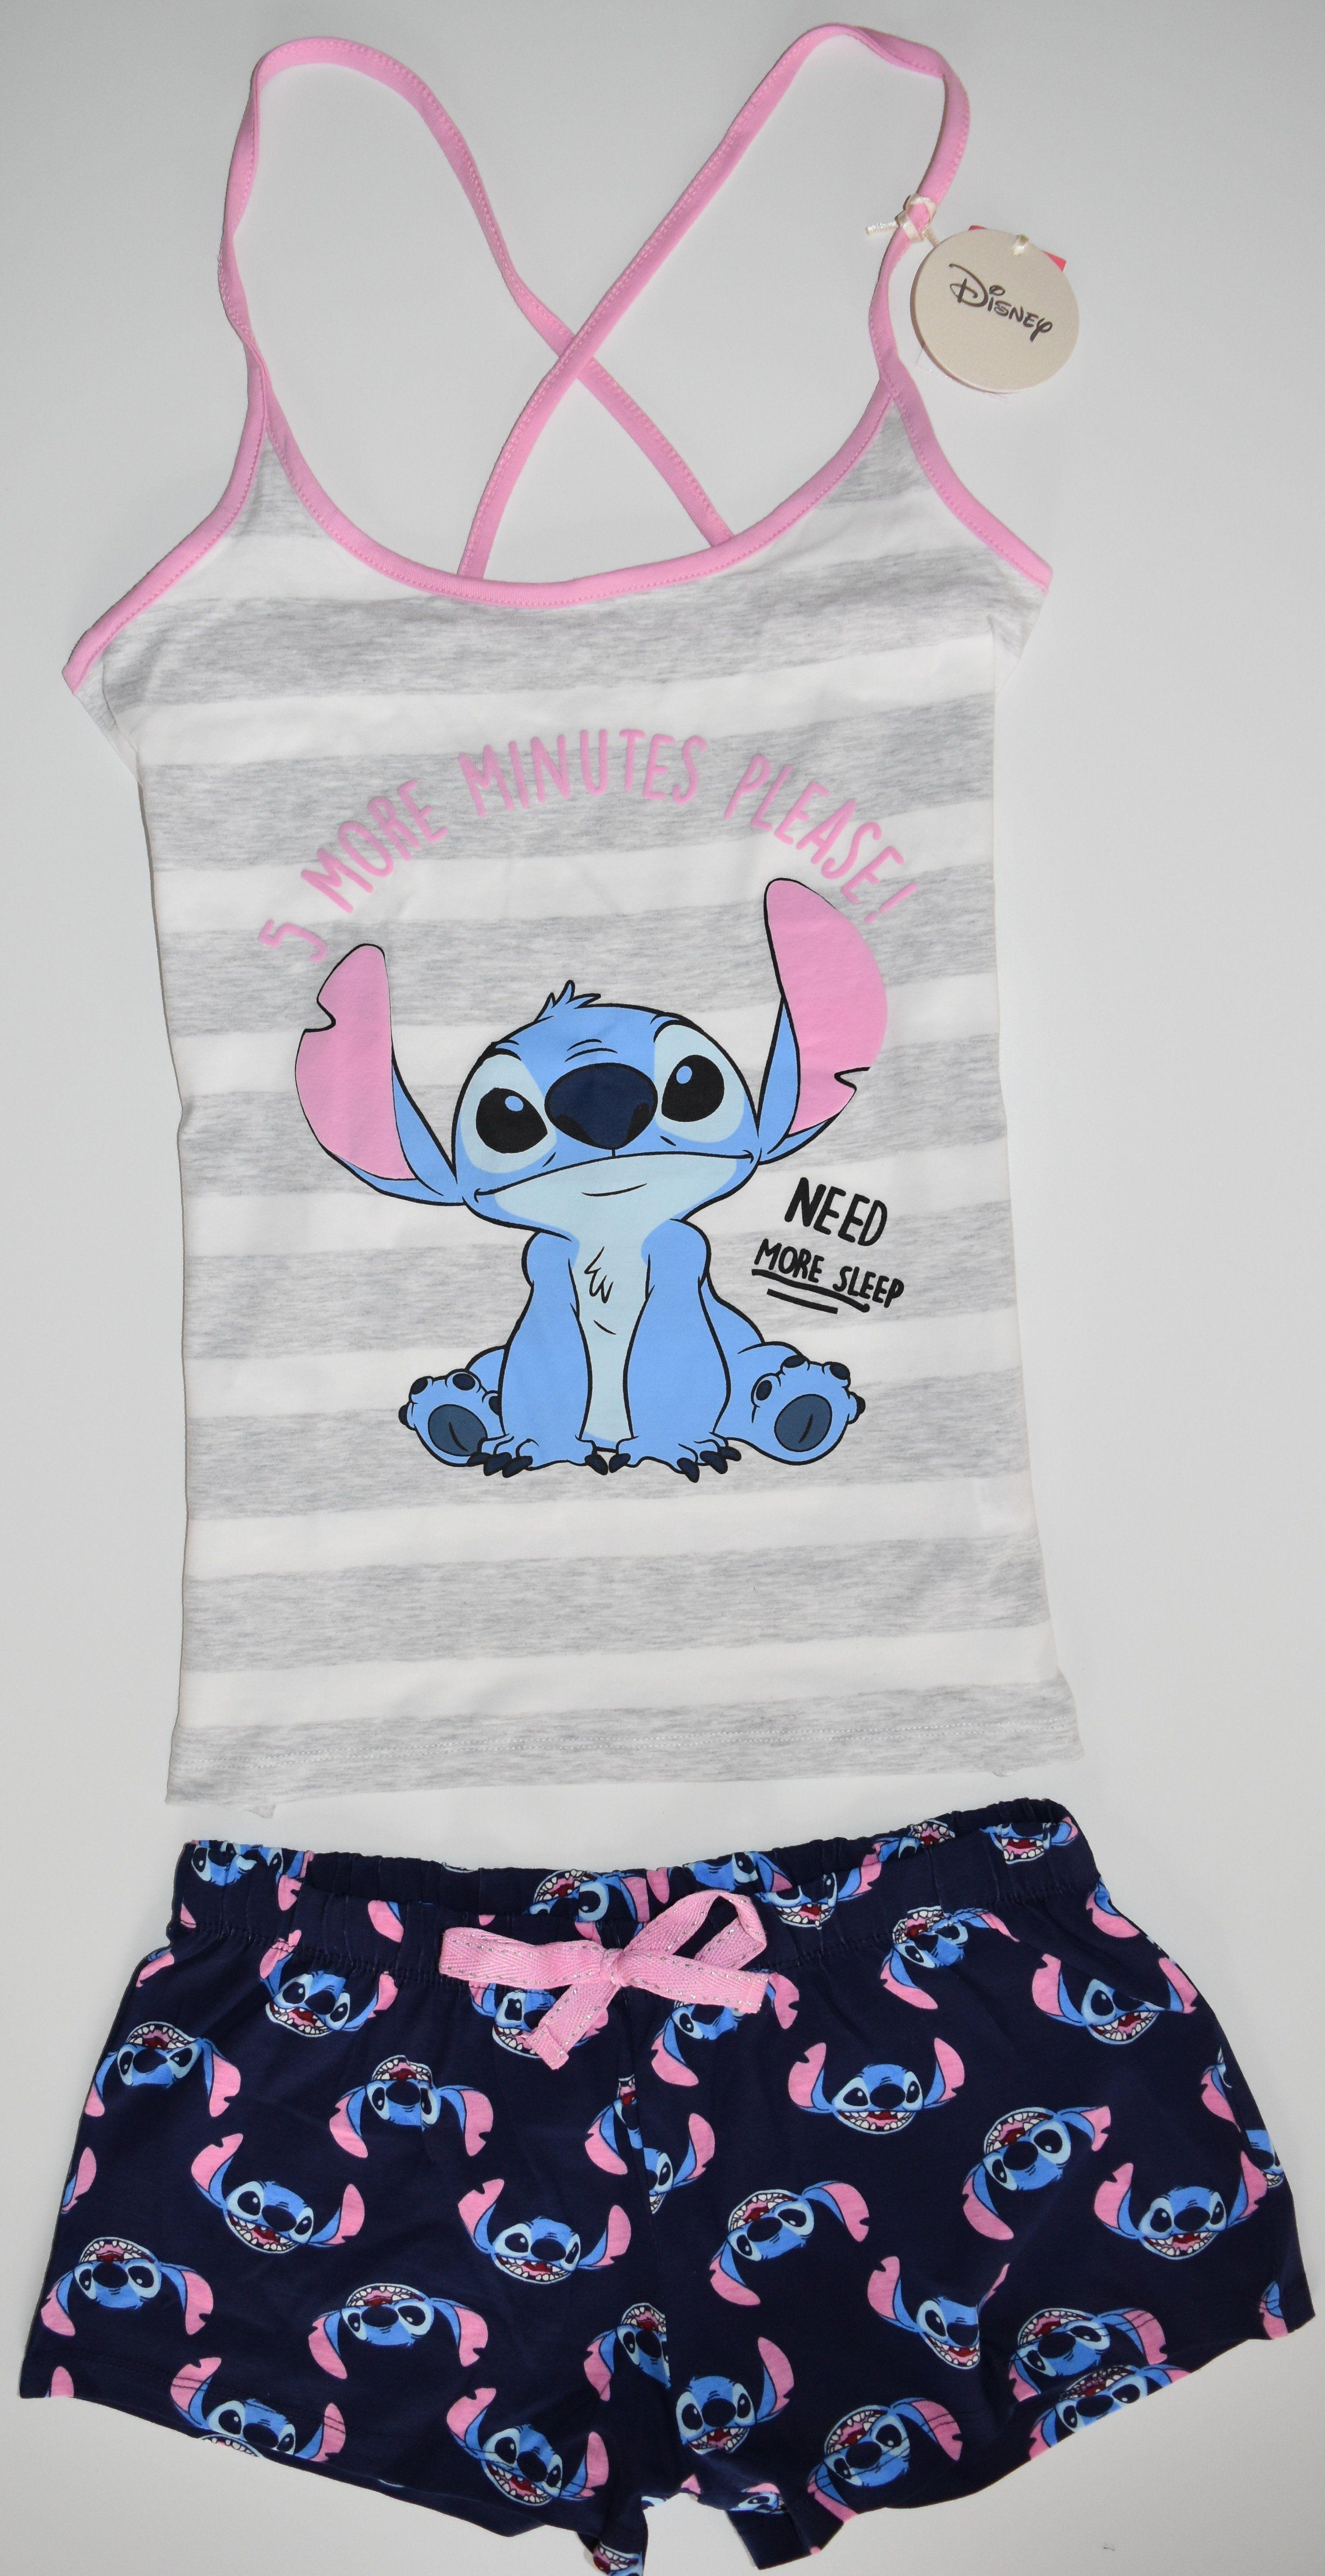 Primark Ladies Disney Lilo Stitch Camiset Vest Short PJs set Nightwear Women/'s